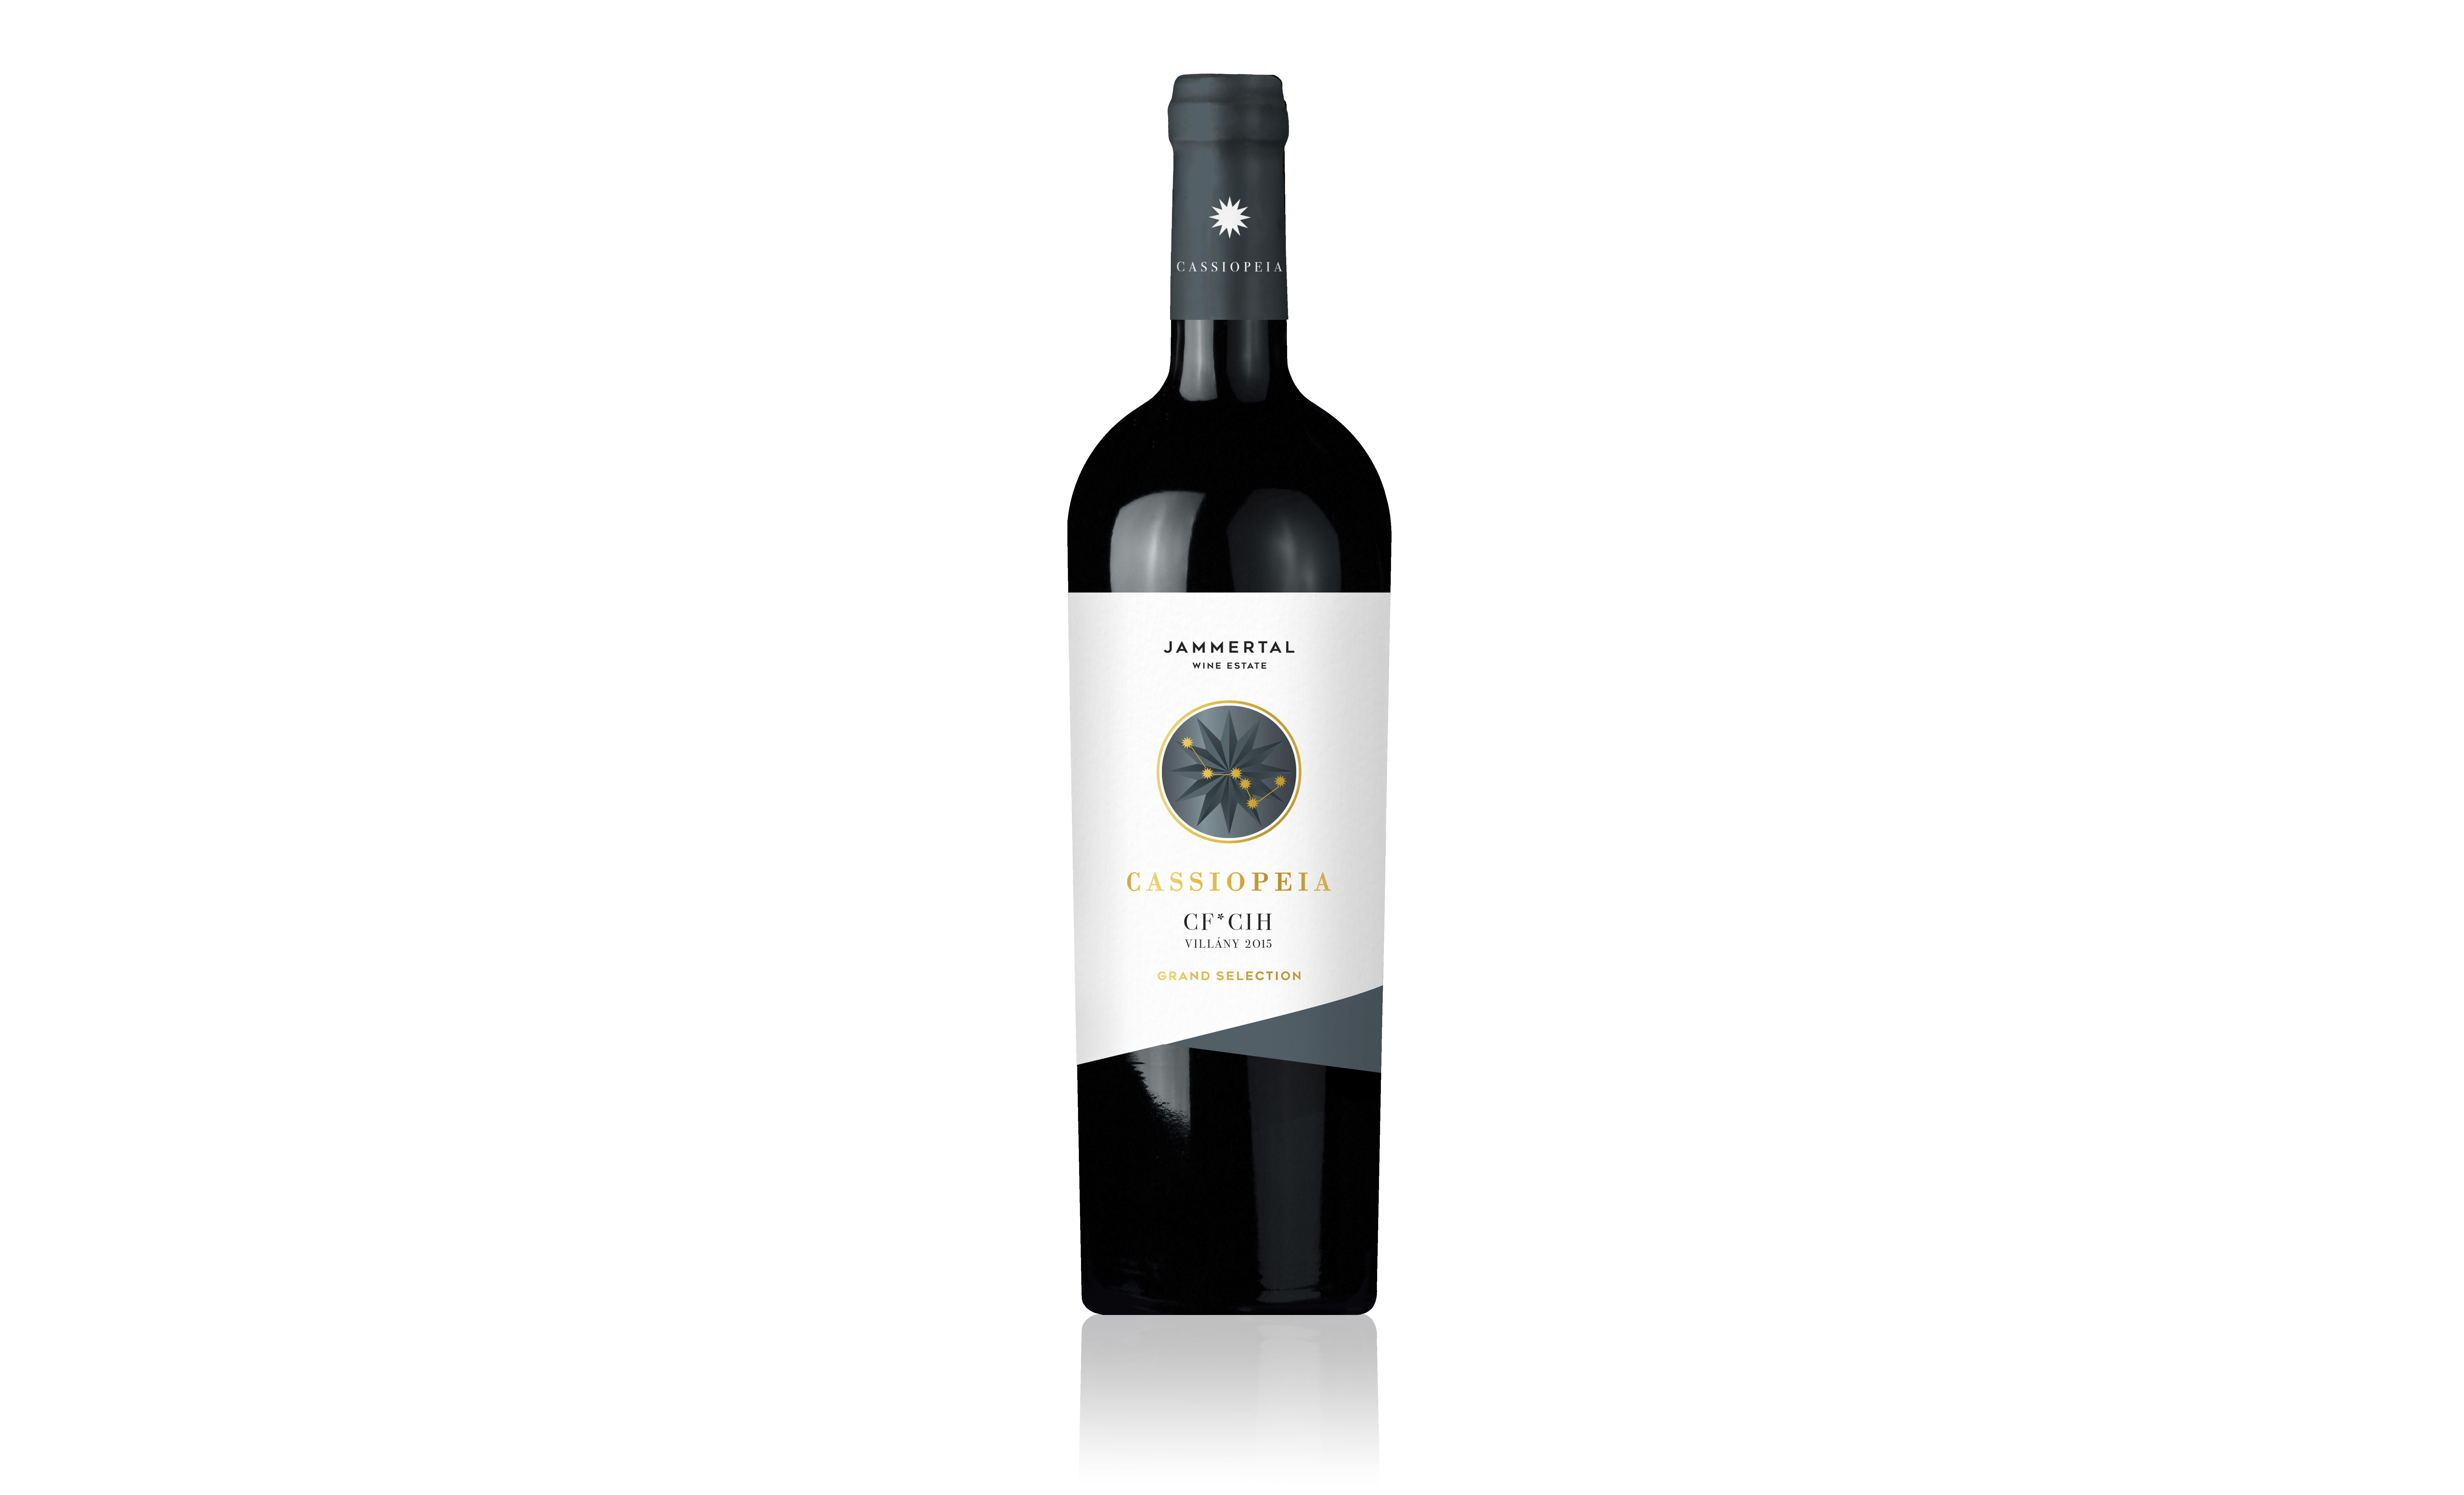 feminalise_world_wine_competition.jpg